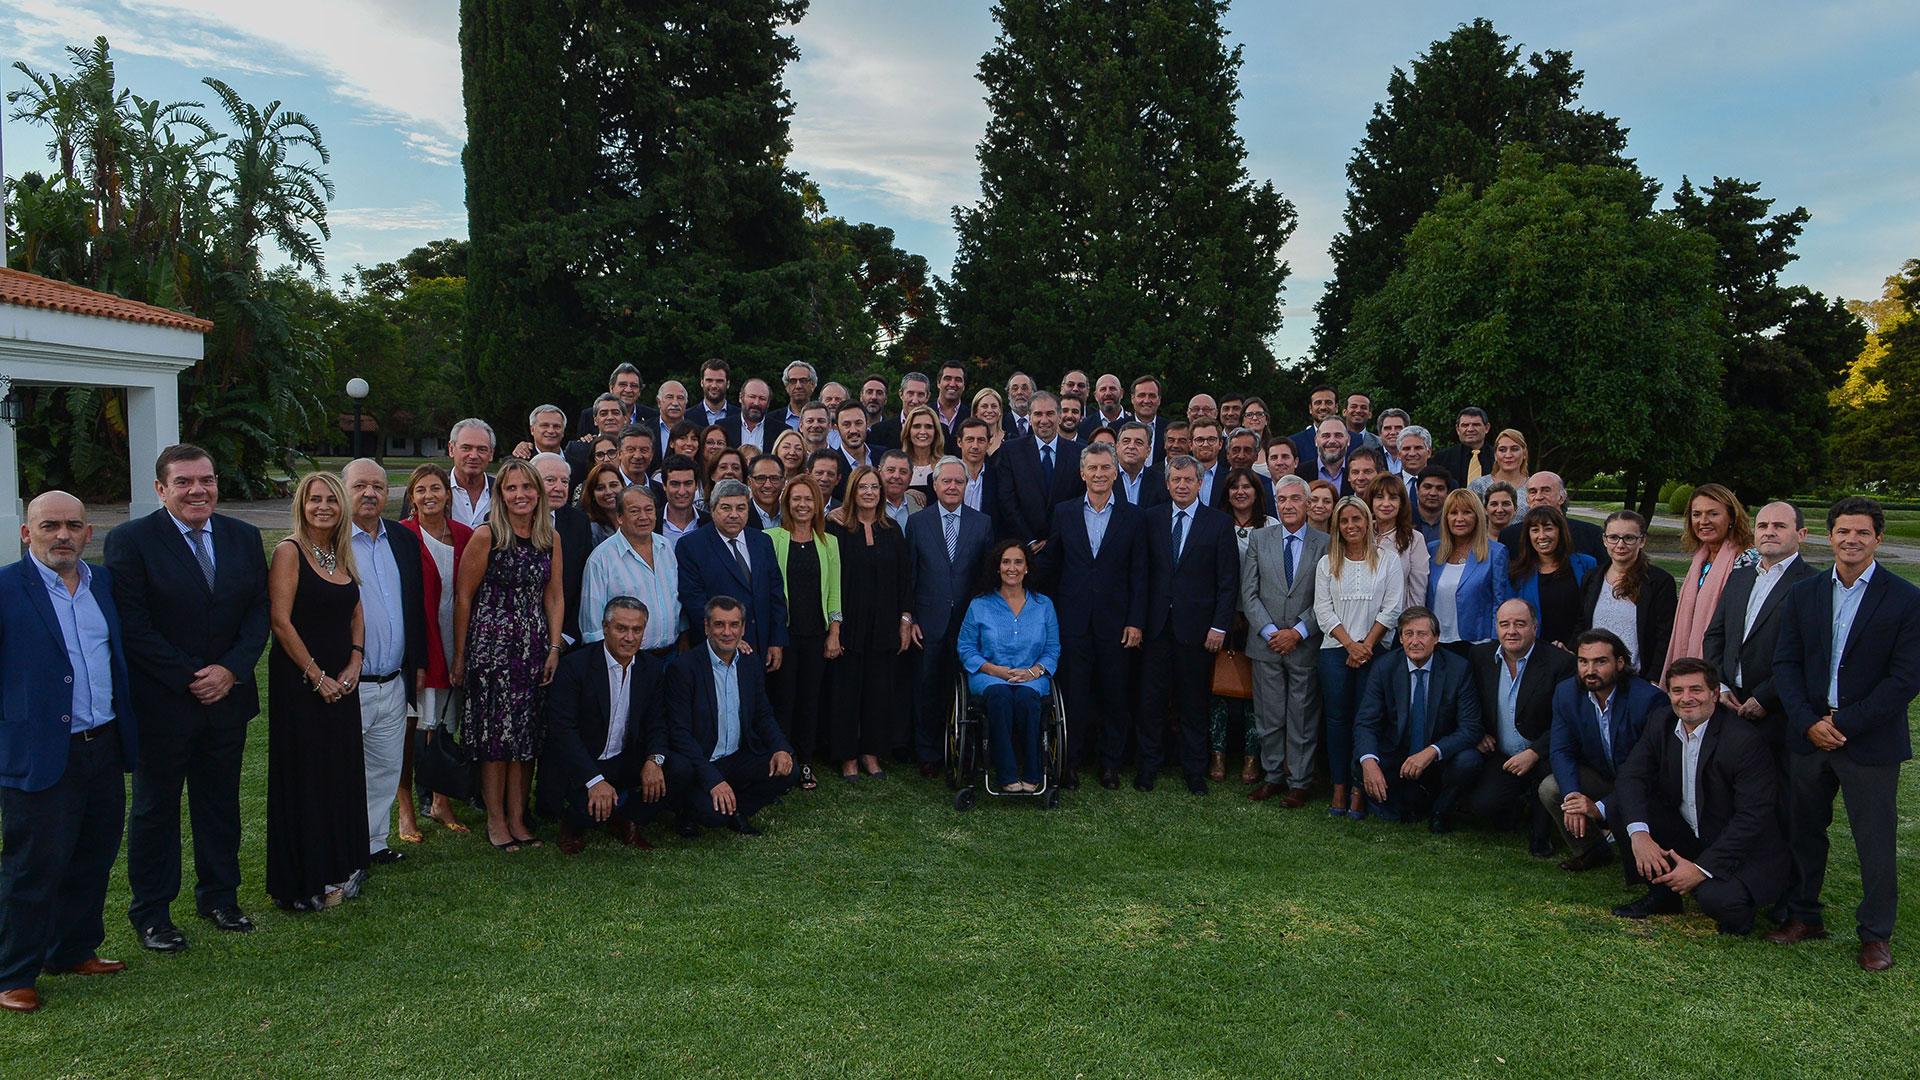 Macri en un encuentro con legisladores (Prensa Presidencia)